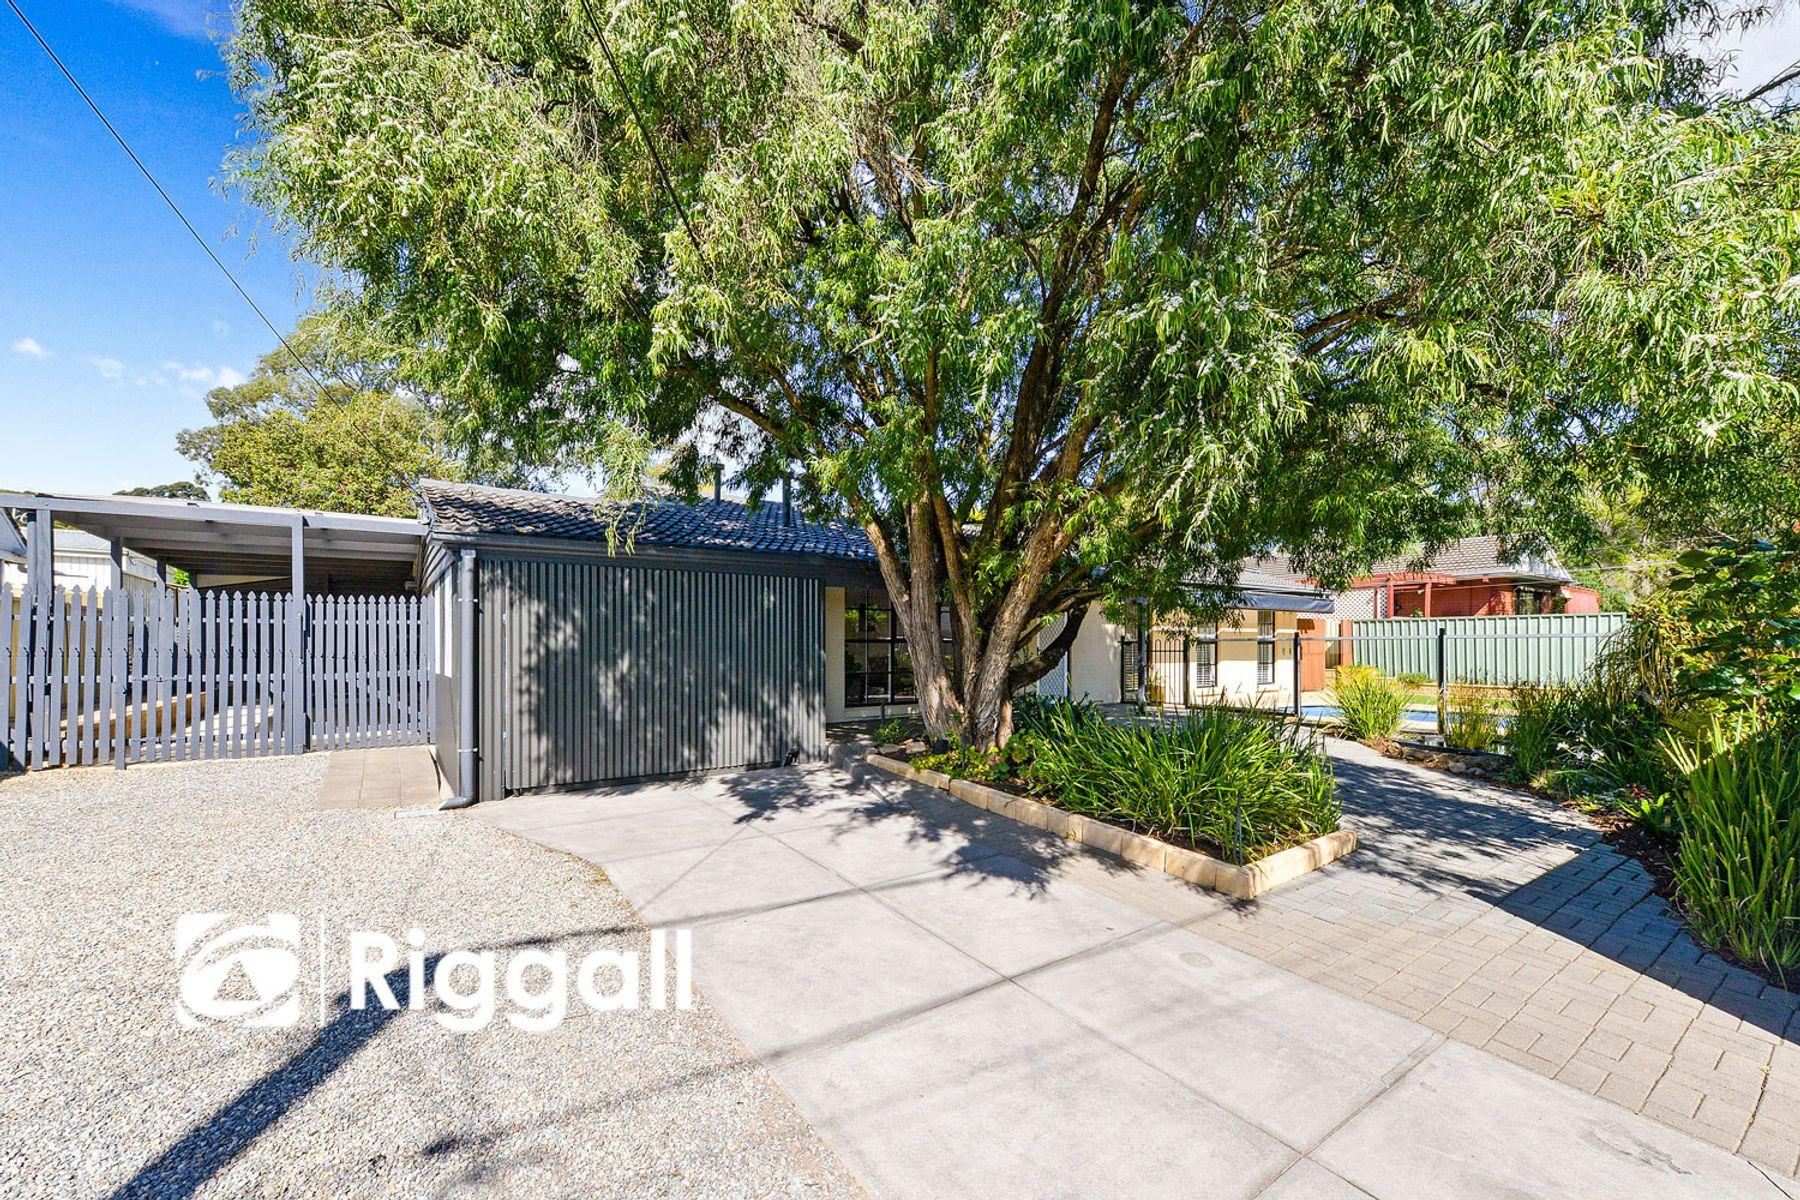 3 Bakhill Road, Athelstone, SA 5076